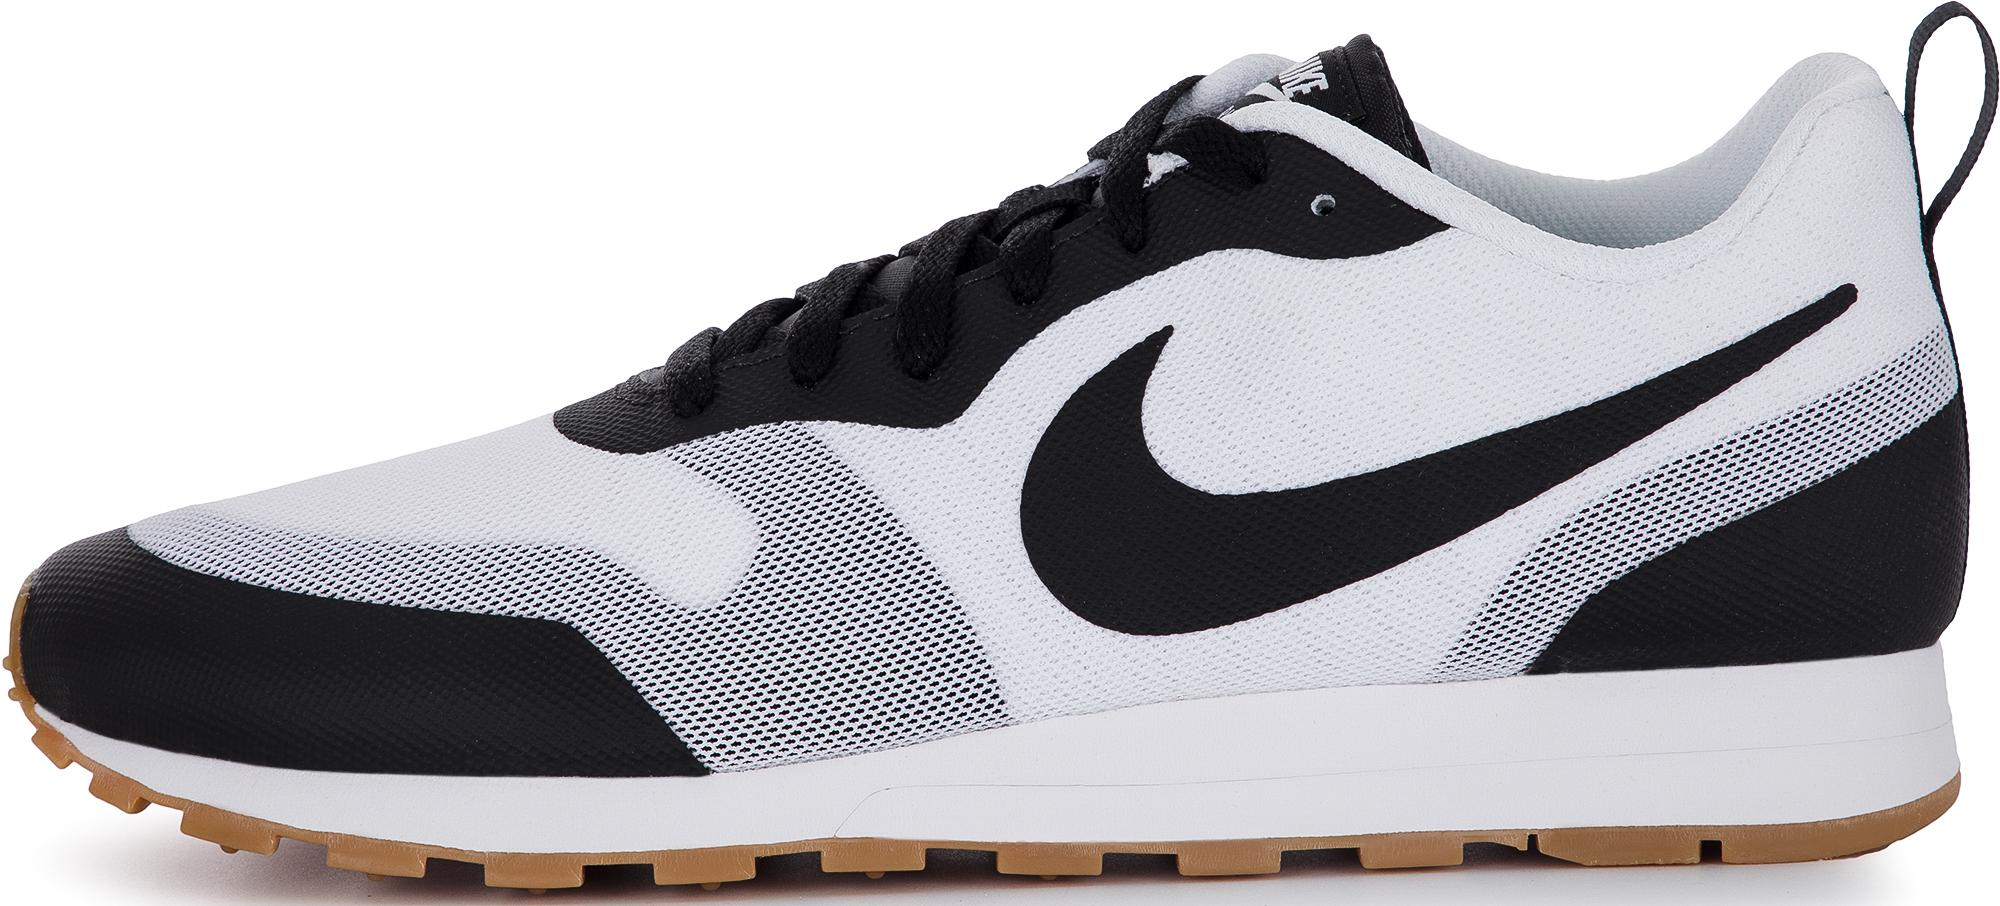 Nike Кроссовки мужские Nike MD Runner 2 19, размер 43,5